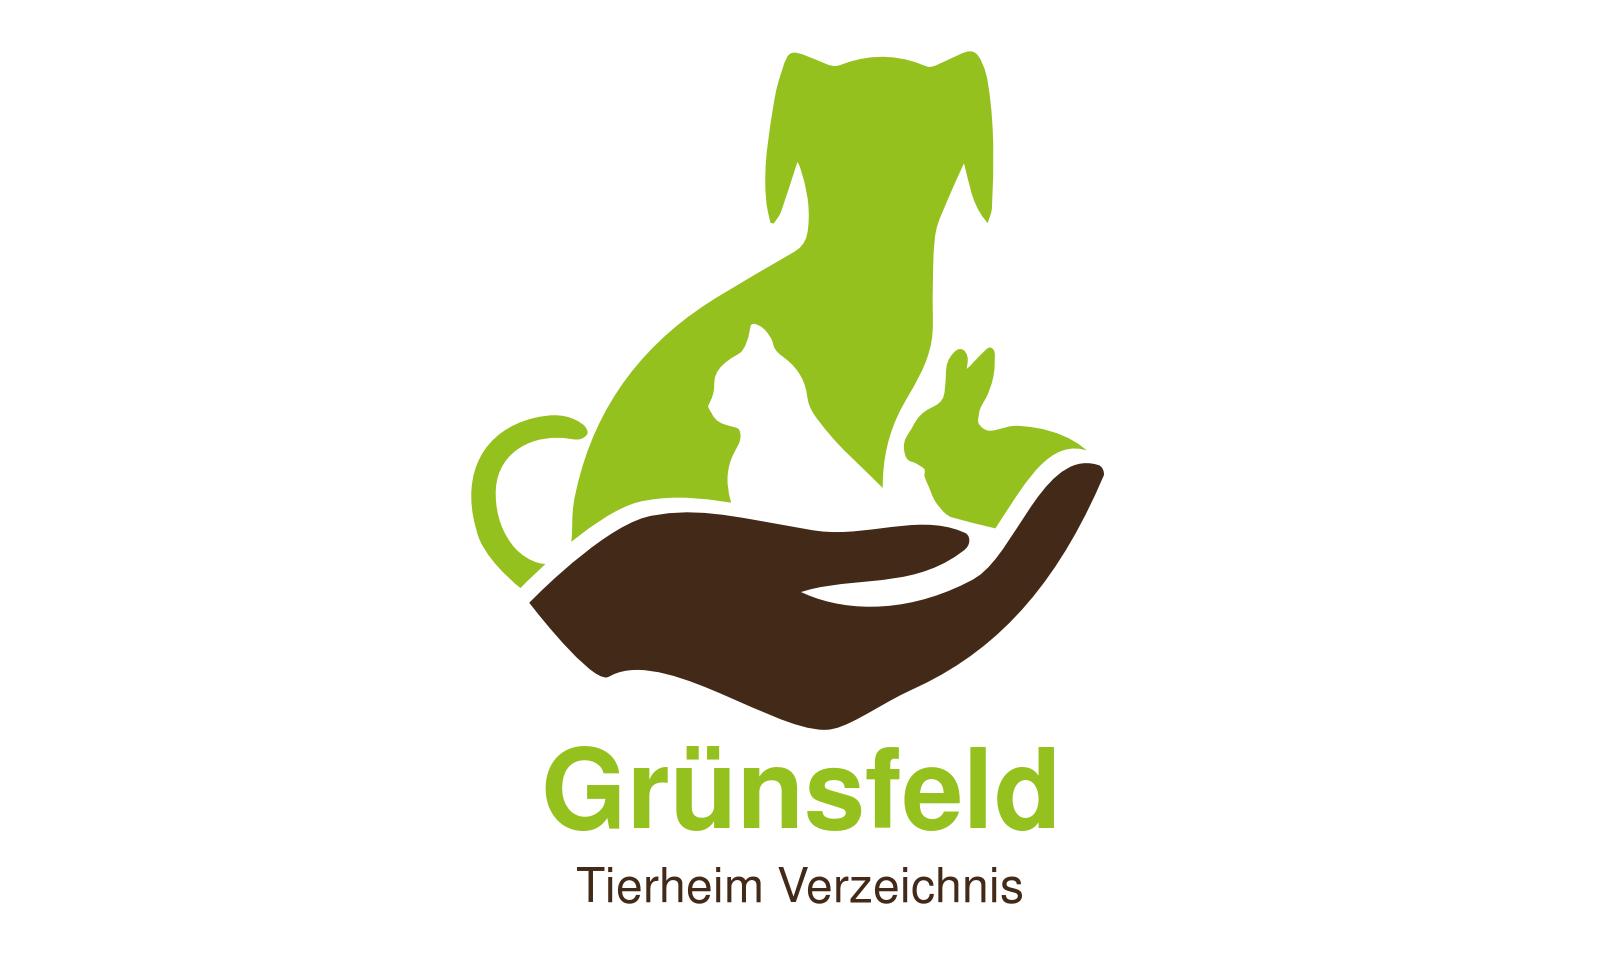 Tierheim Grünsfeld